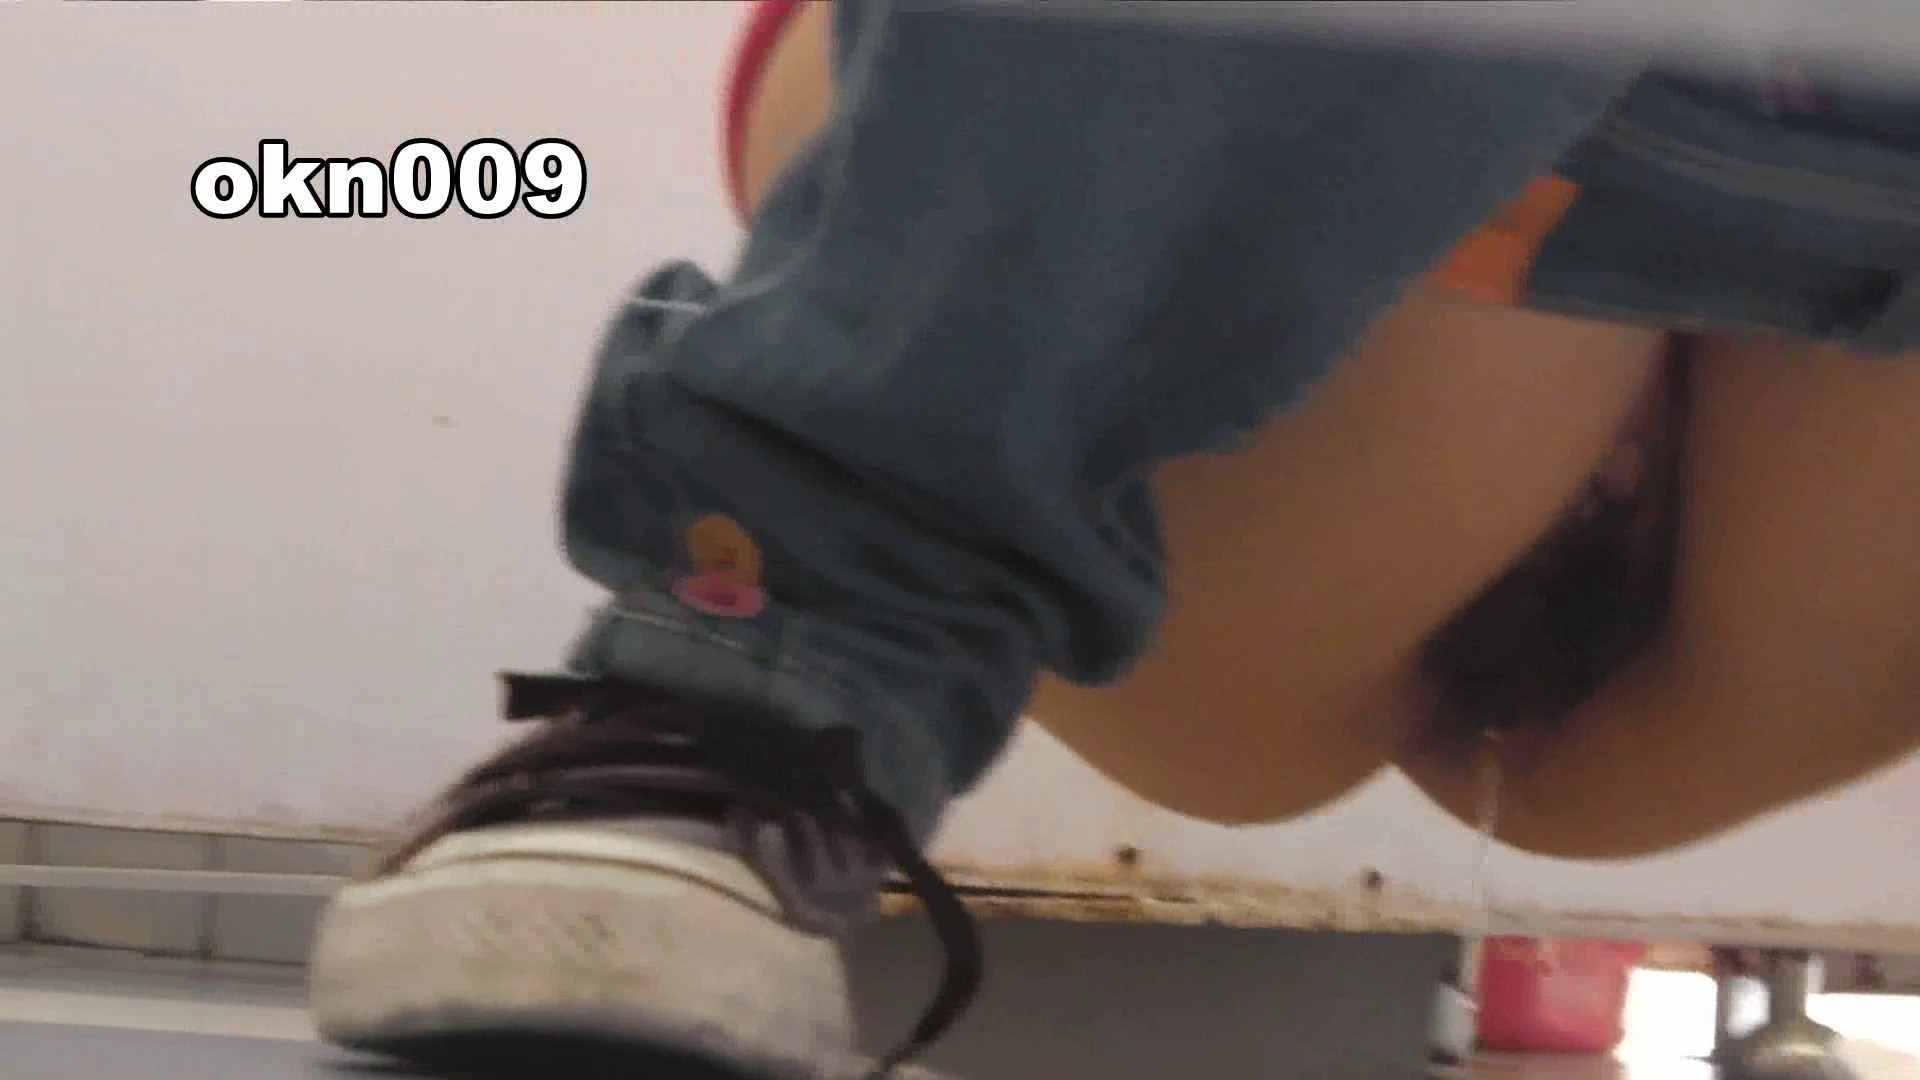 下からノゾム vol.009 リキンでモリアガった割にヒョロ エッチなお姉さん おめこ無修正動画無料 109画像 67